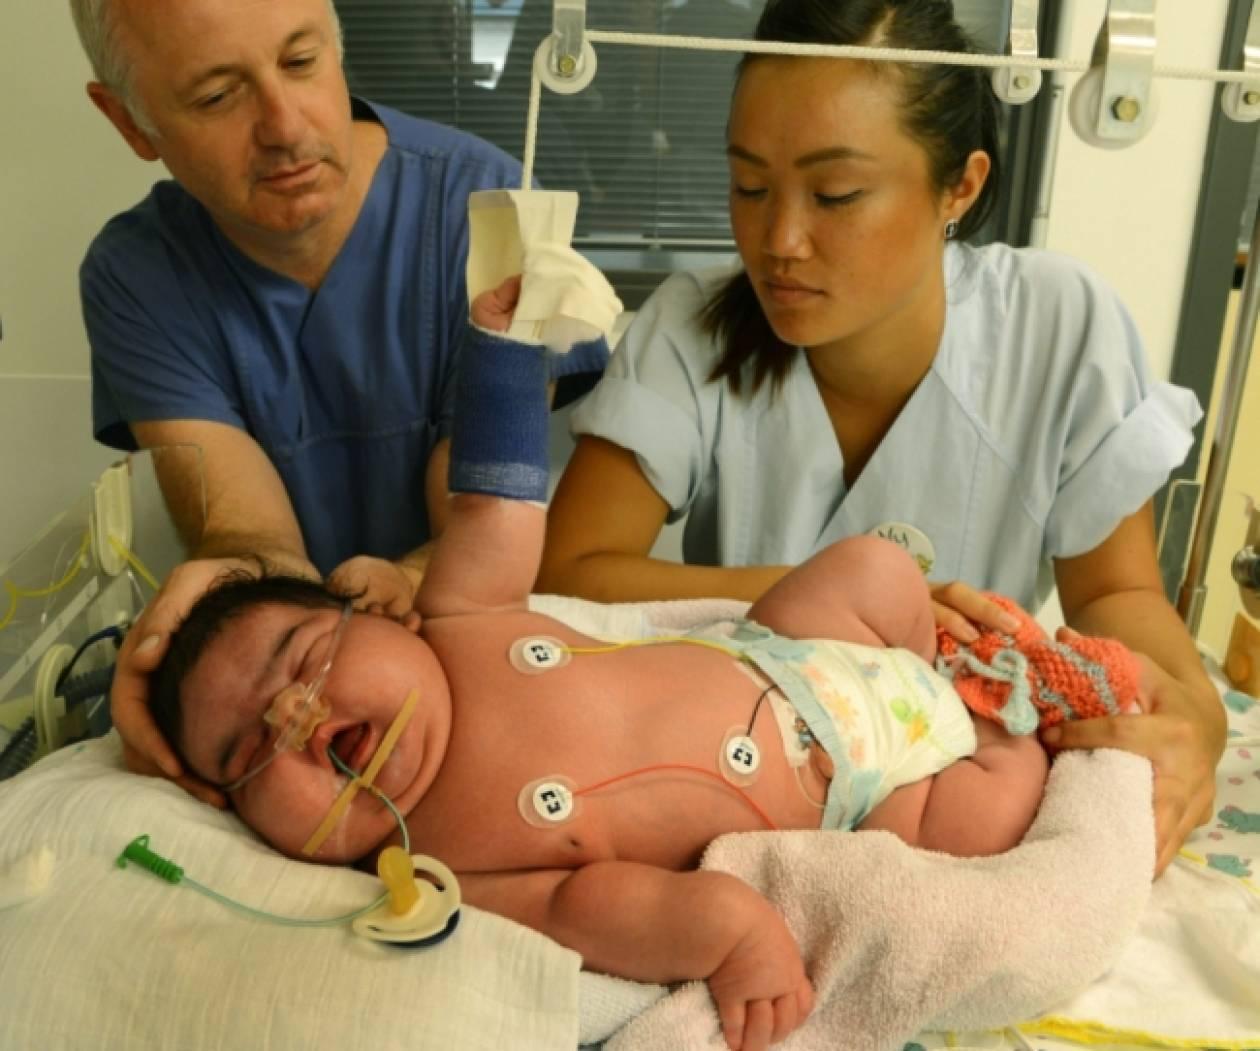 Απίστευτο: Γεννήθηκε γιγαντιαίο βρέφος χωρίς καισαρική